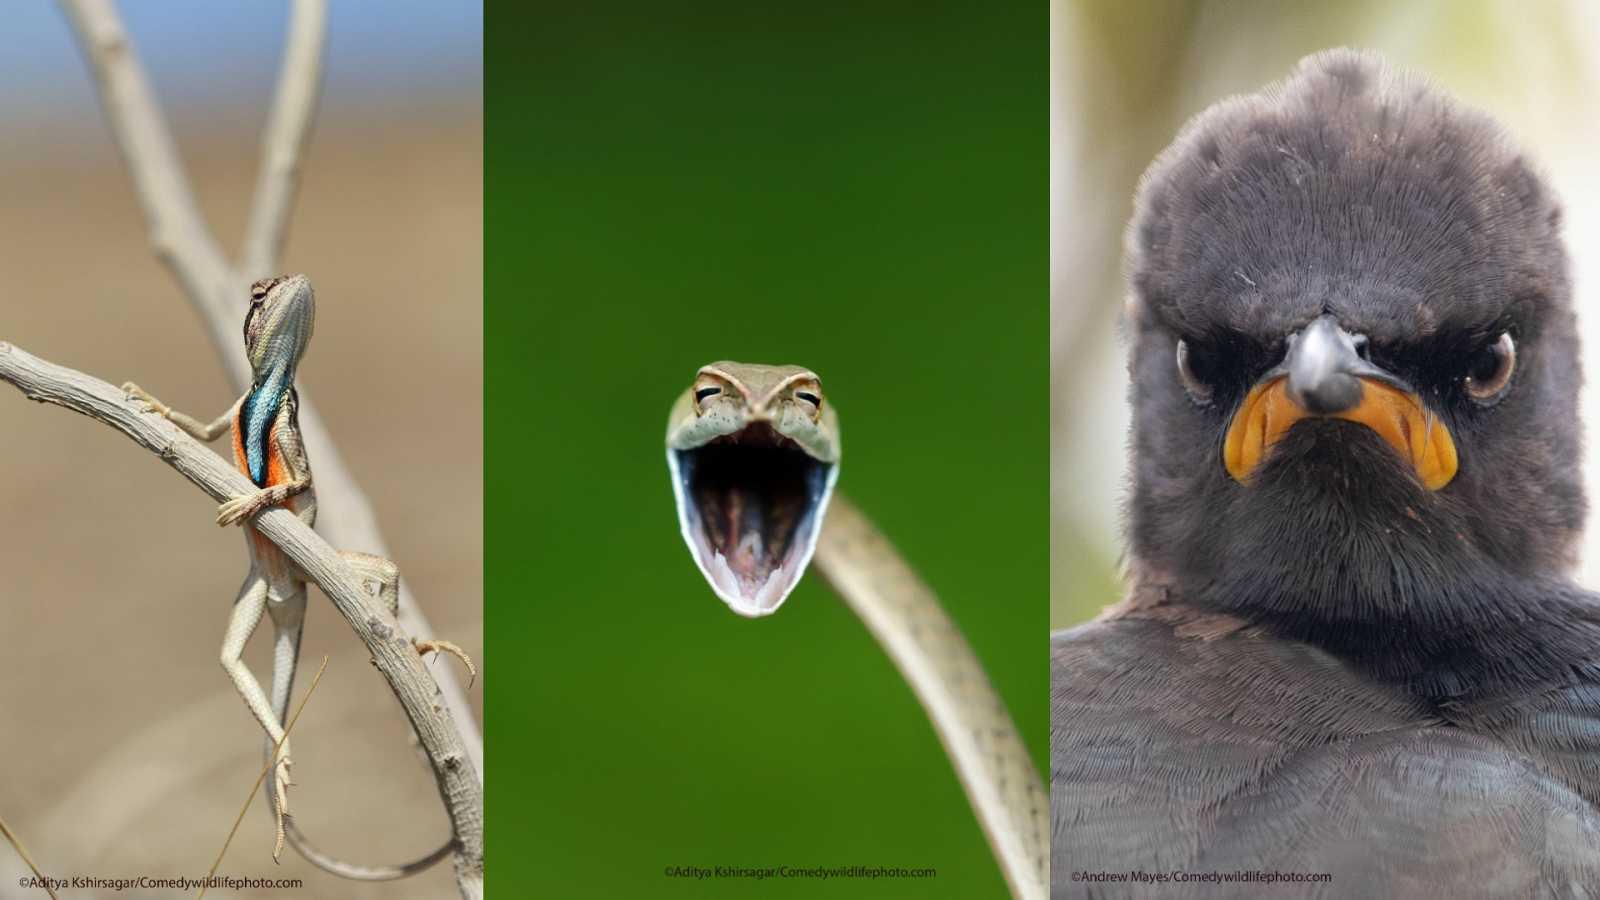 Tres fotografías: un lagarto posando en una rama, una serpiente sonriendo y un estornino disgustado